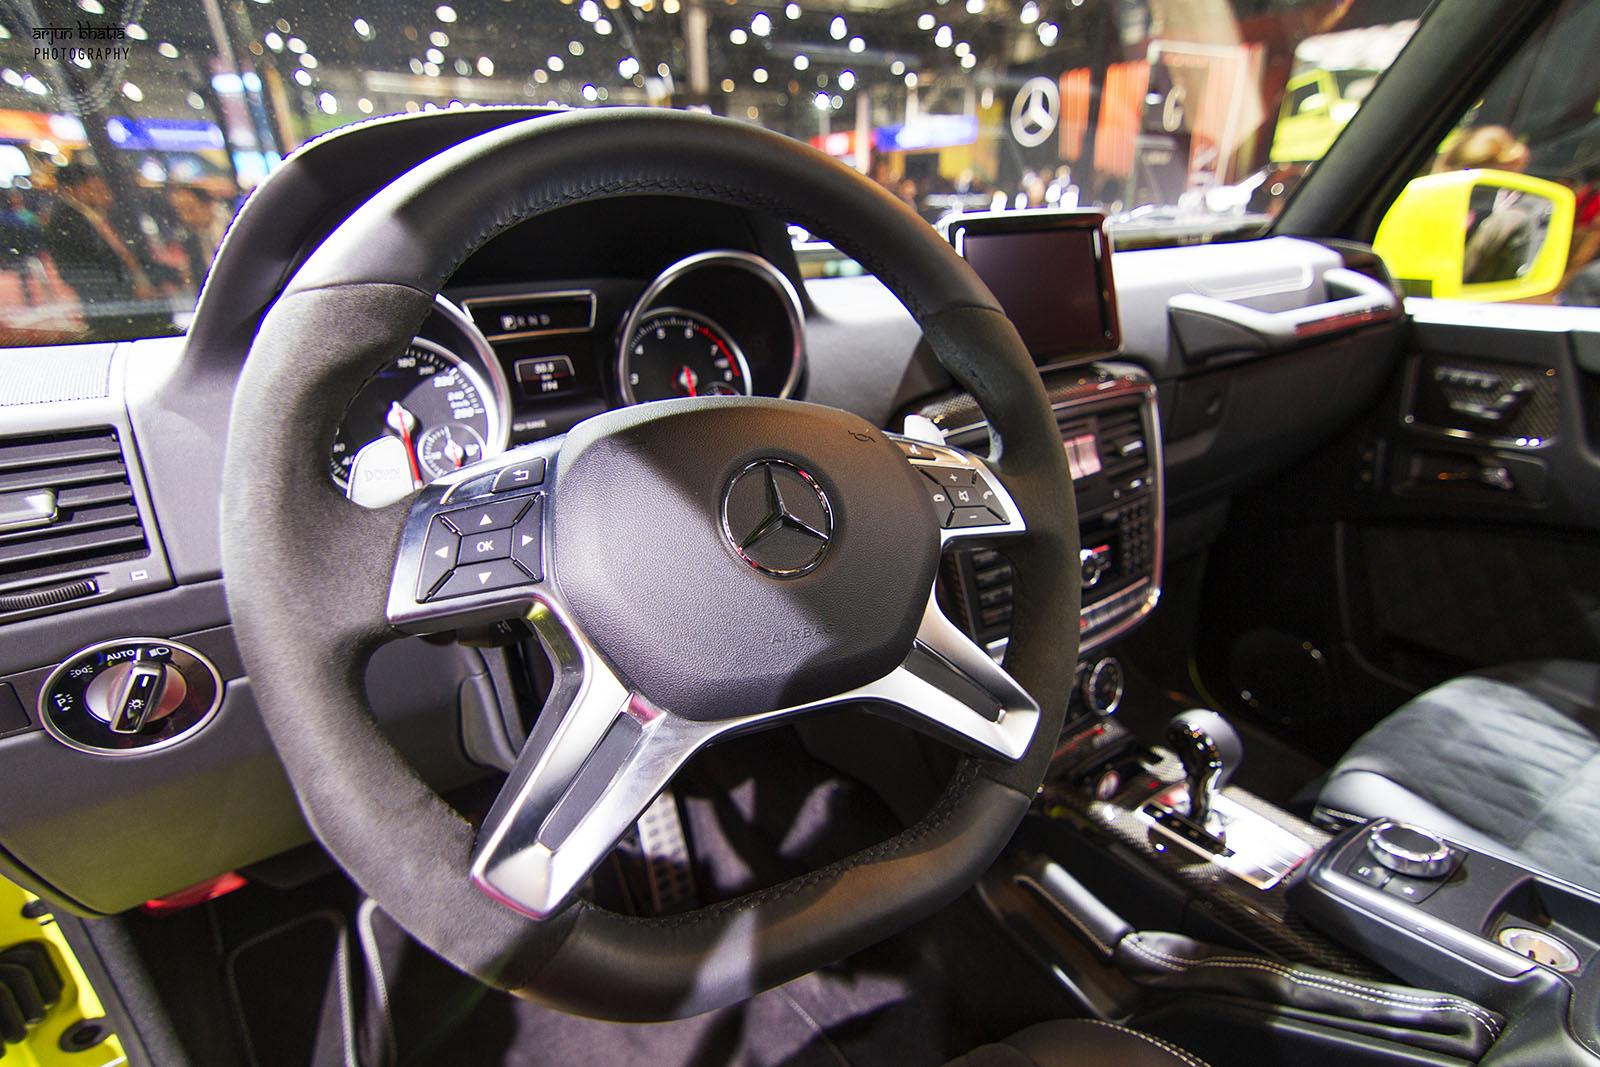 Mercedes-Benz G500 4X4 Delhi Auto Expo 2016 1